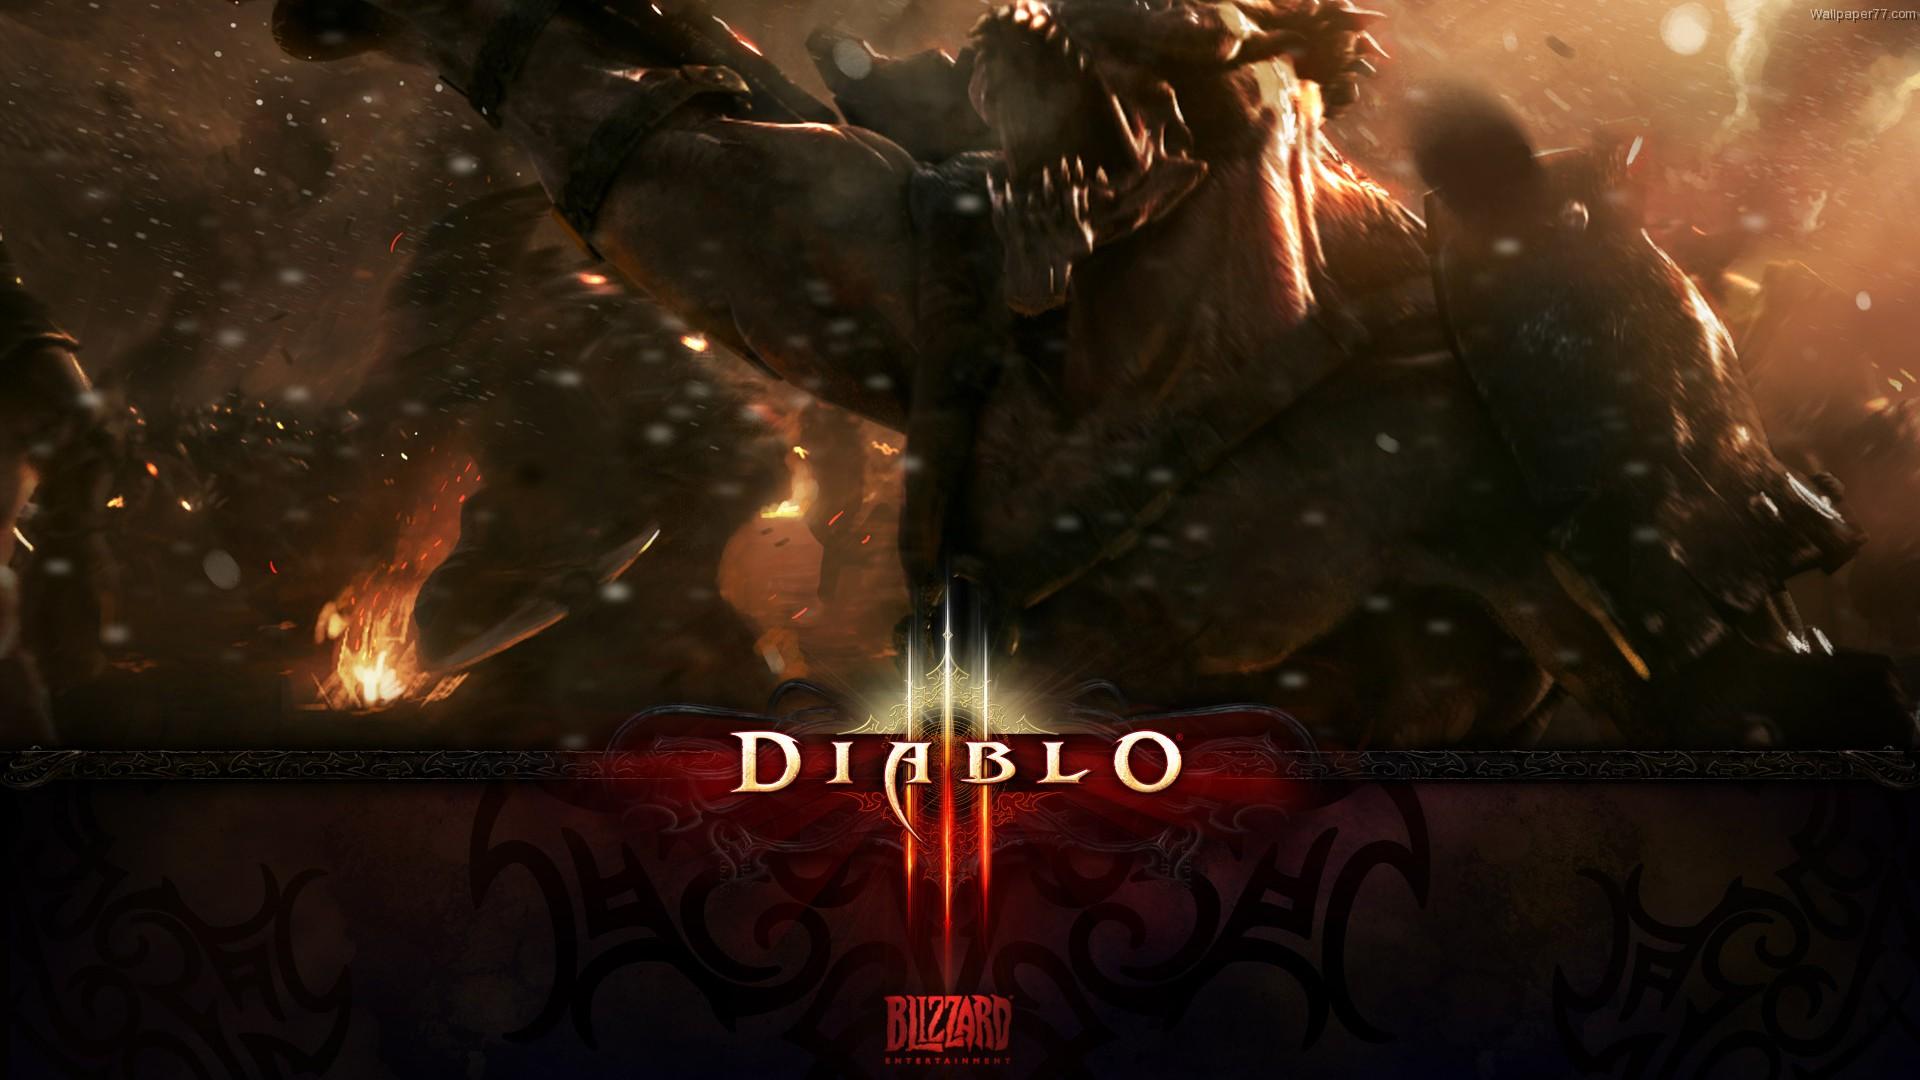 Hd Diablo 3 Wallpaper - WallpaperSafari